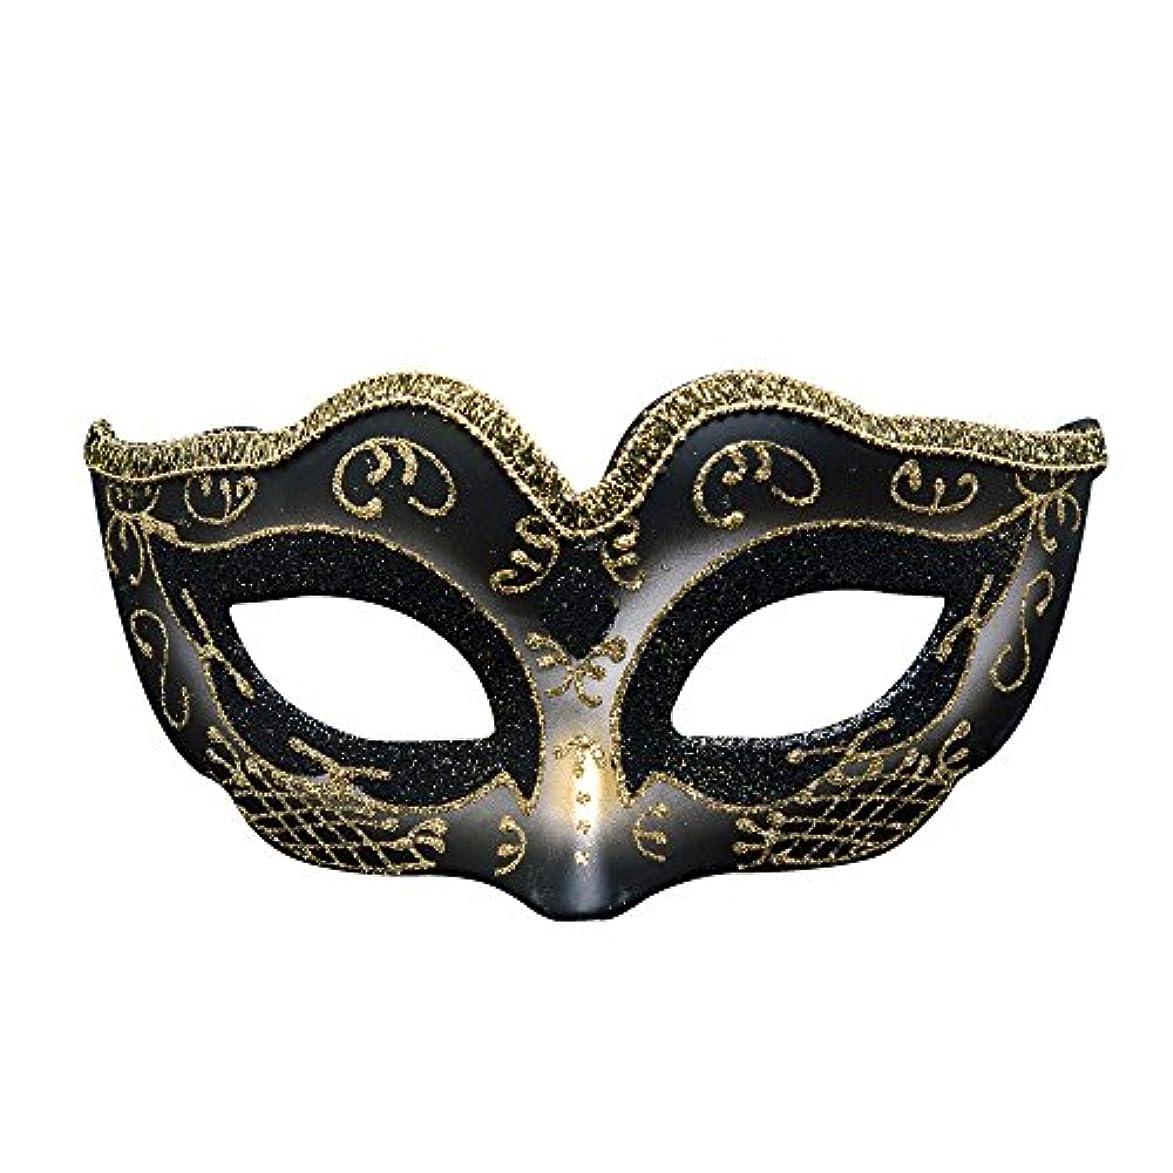 ルーム骨の折れる仕出しますクリエイティブカスタム子供のなりすましパーティーハロウィーンマスククリスマス雰囲気マスク (Color : A)